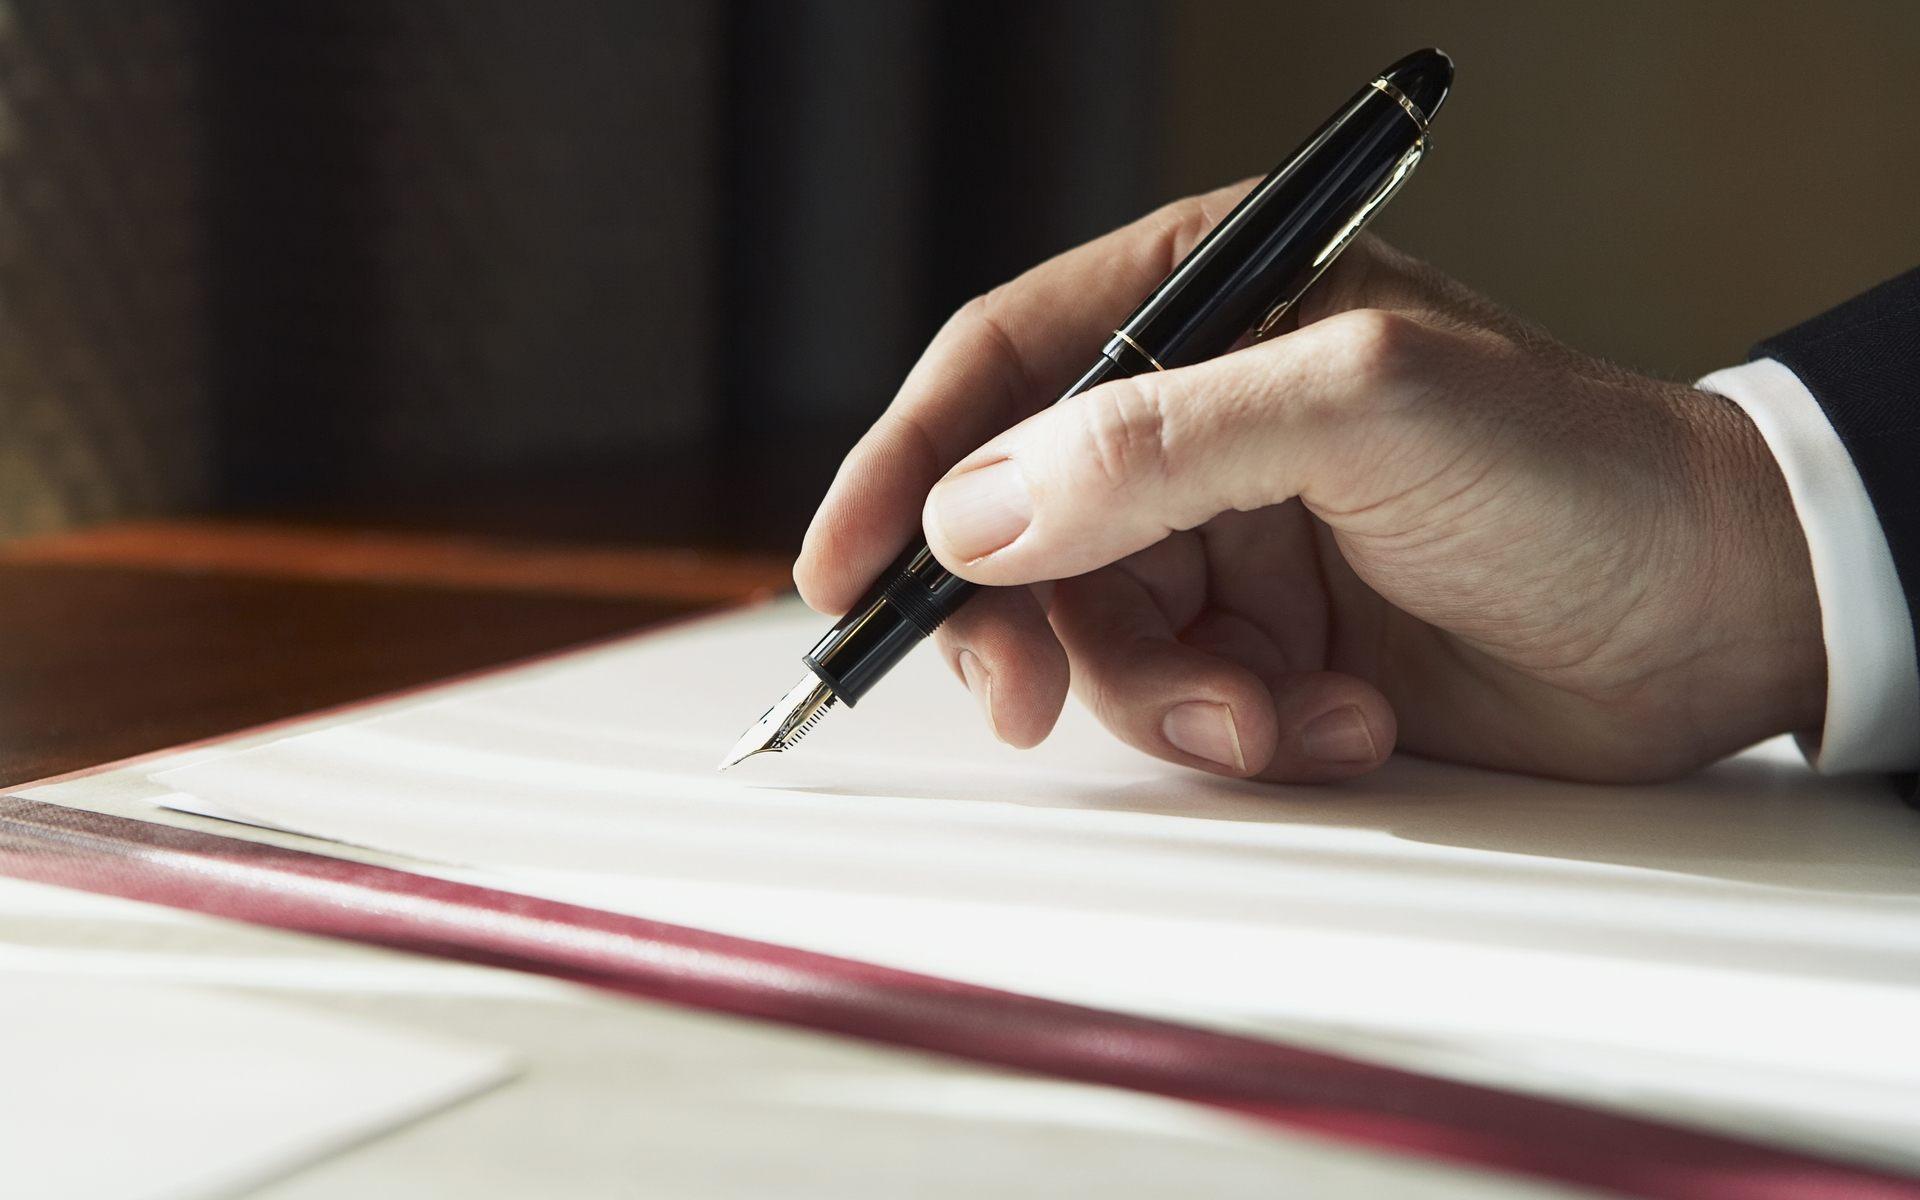 нее картинки человек пишет ручкой несмотря свою